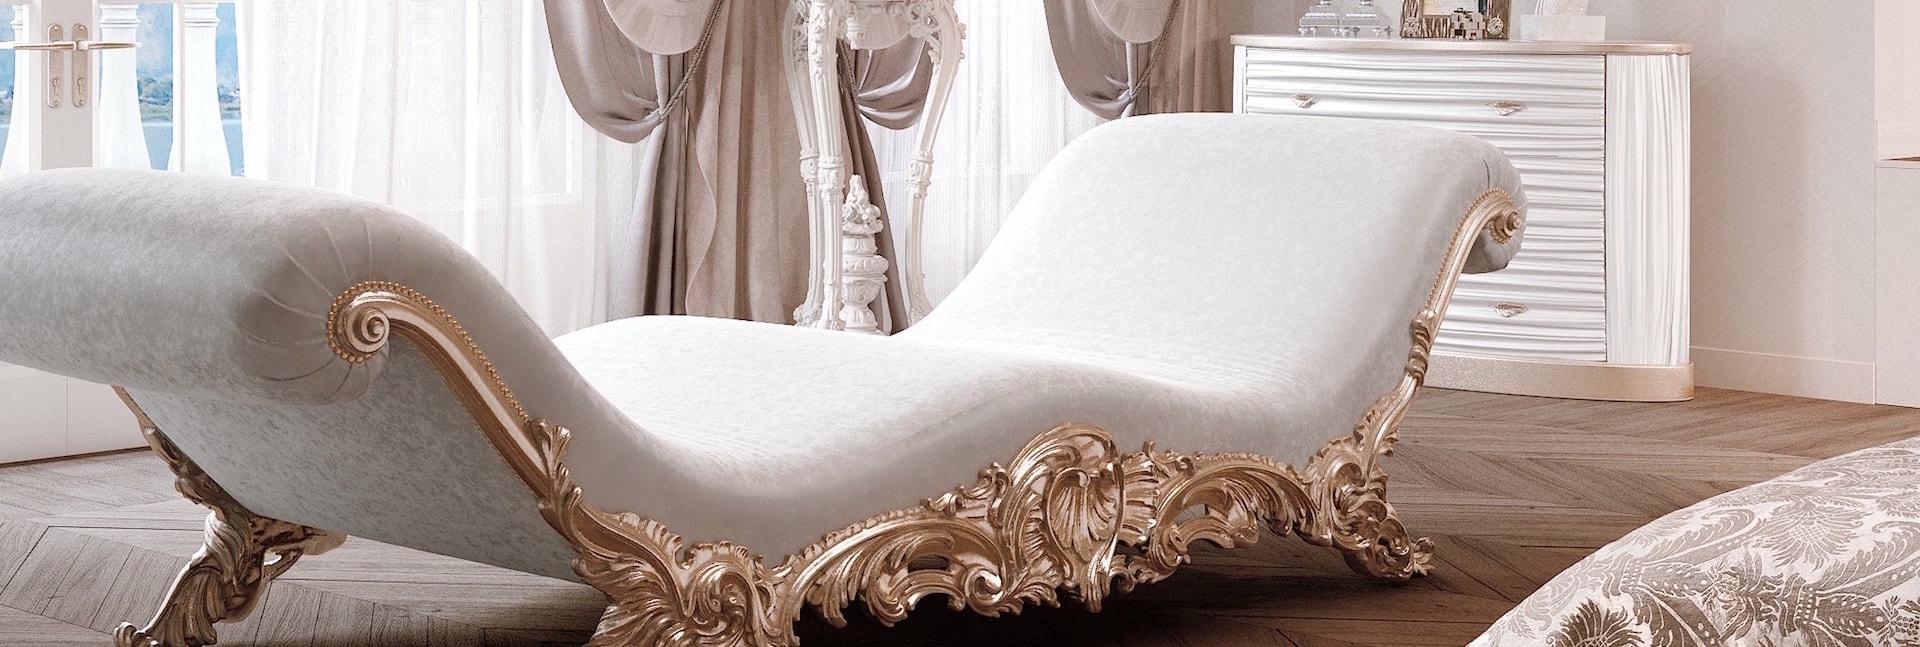 02_master_bedroom_e_00001-min-copia